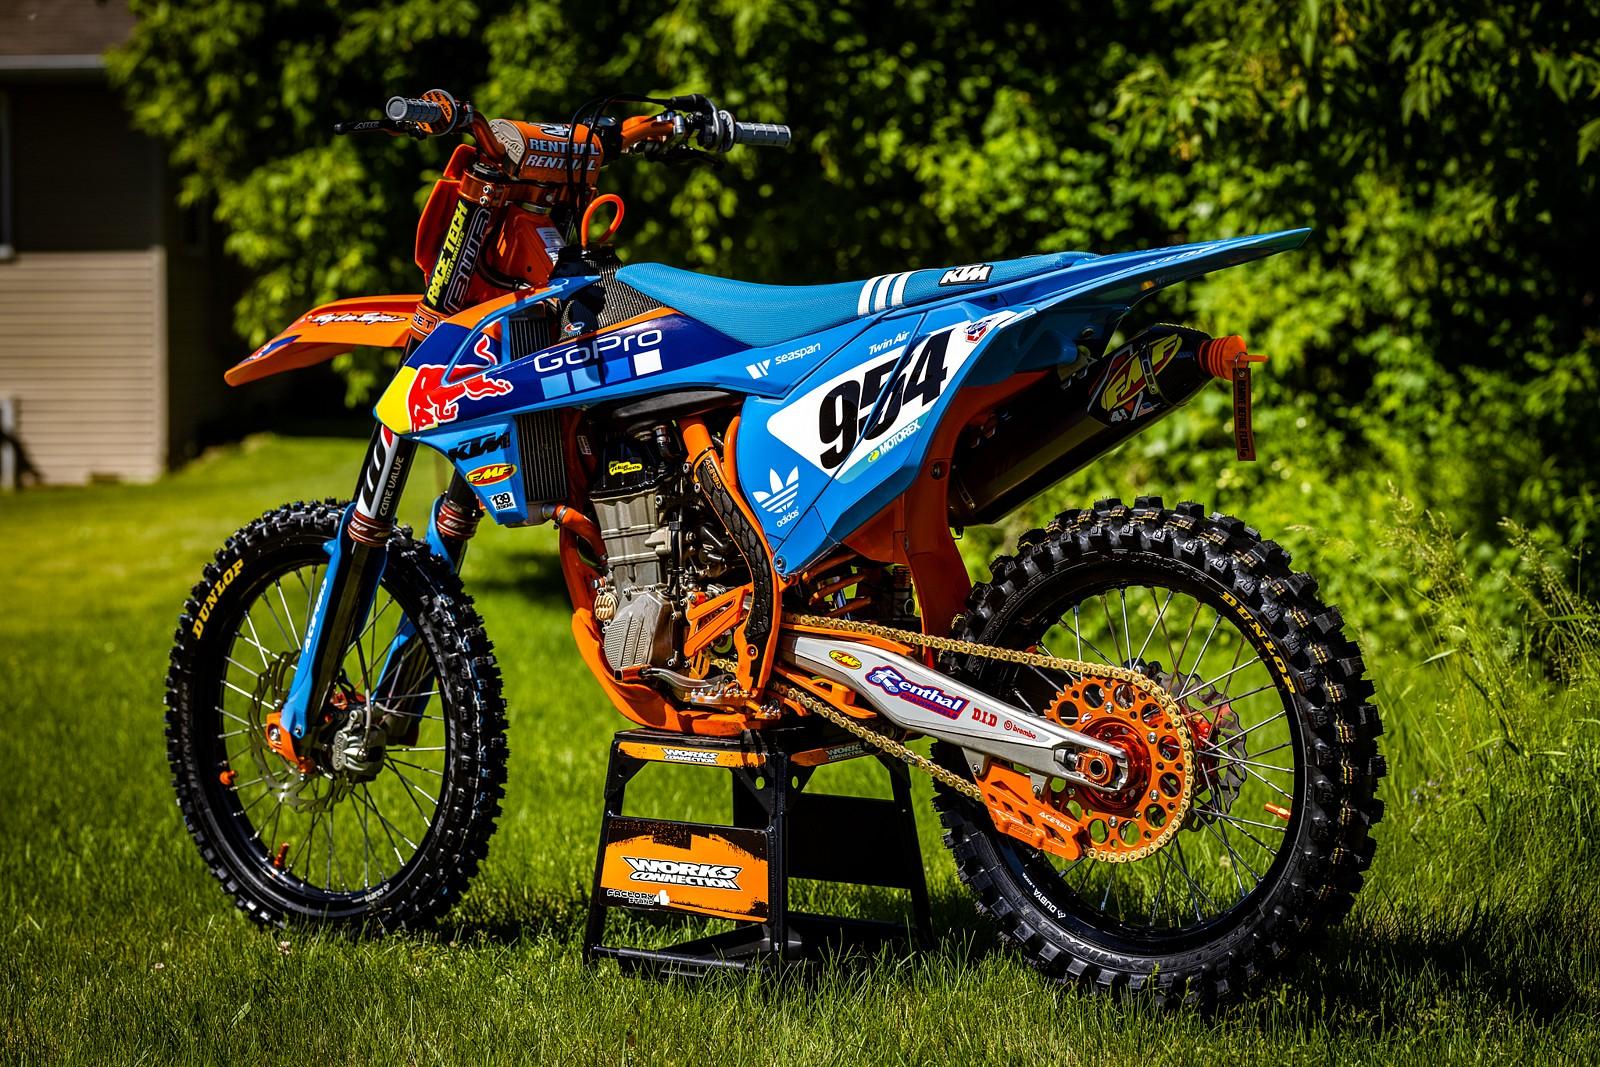 ktm 10 - GForce MMG - Motocross Pictures - Vital MX